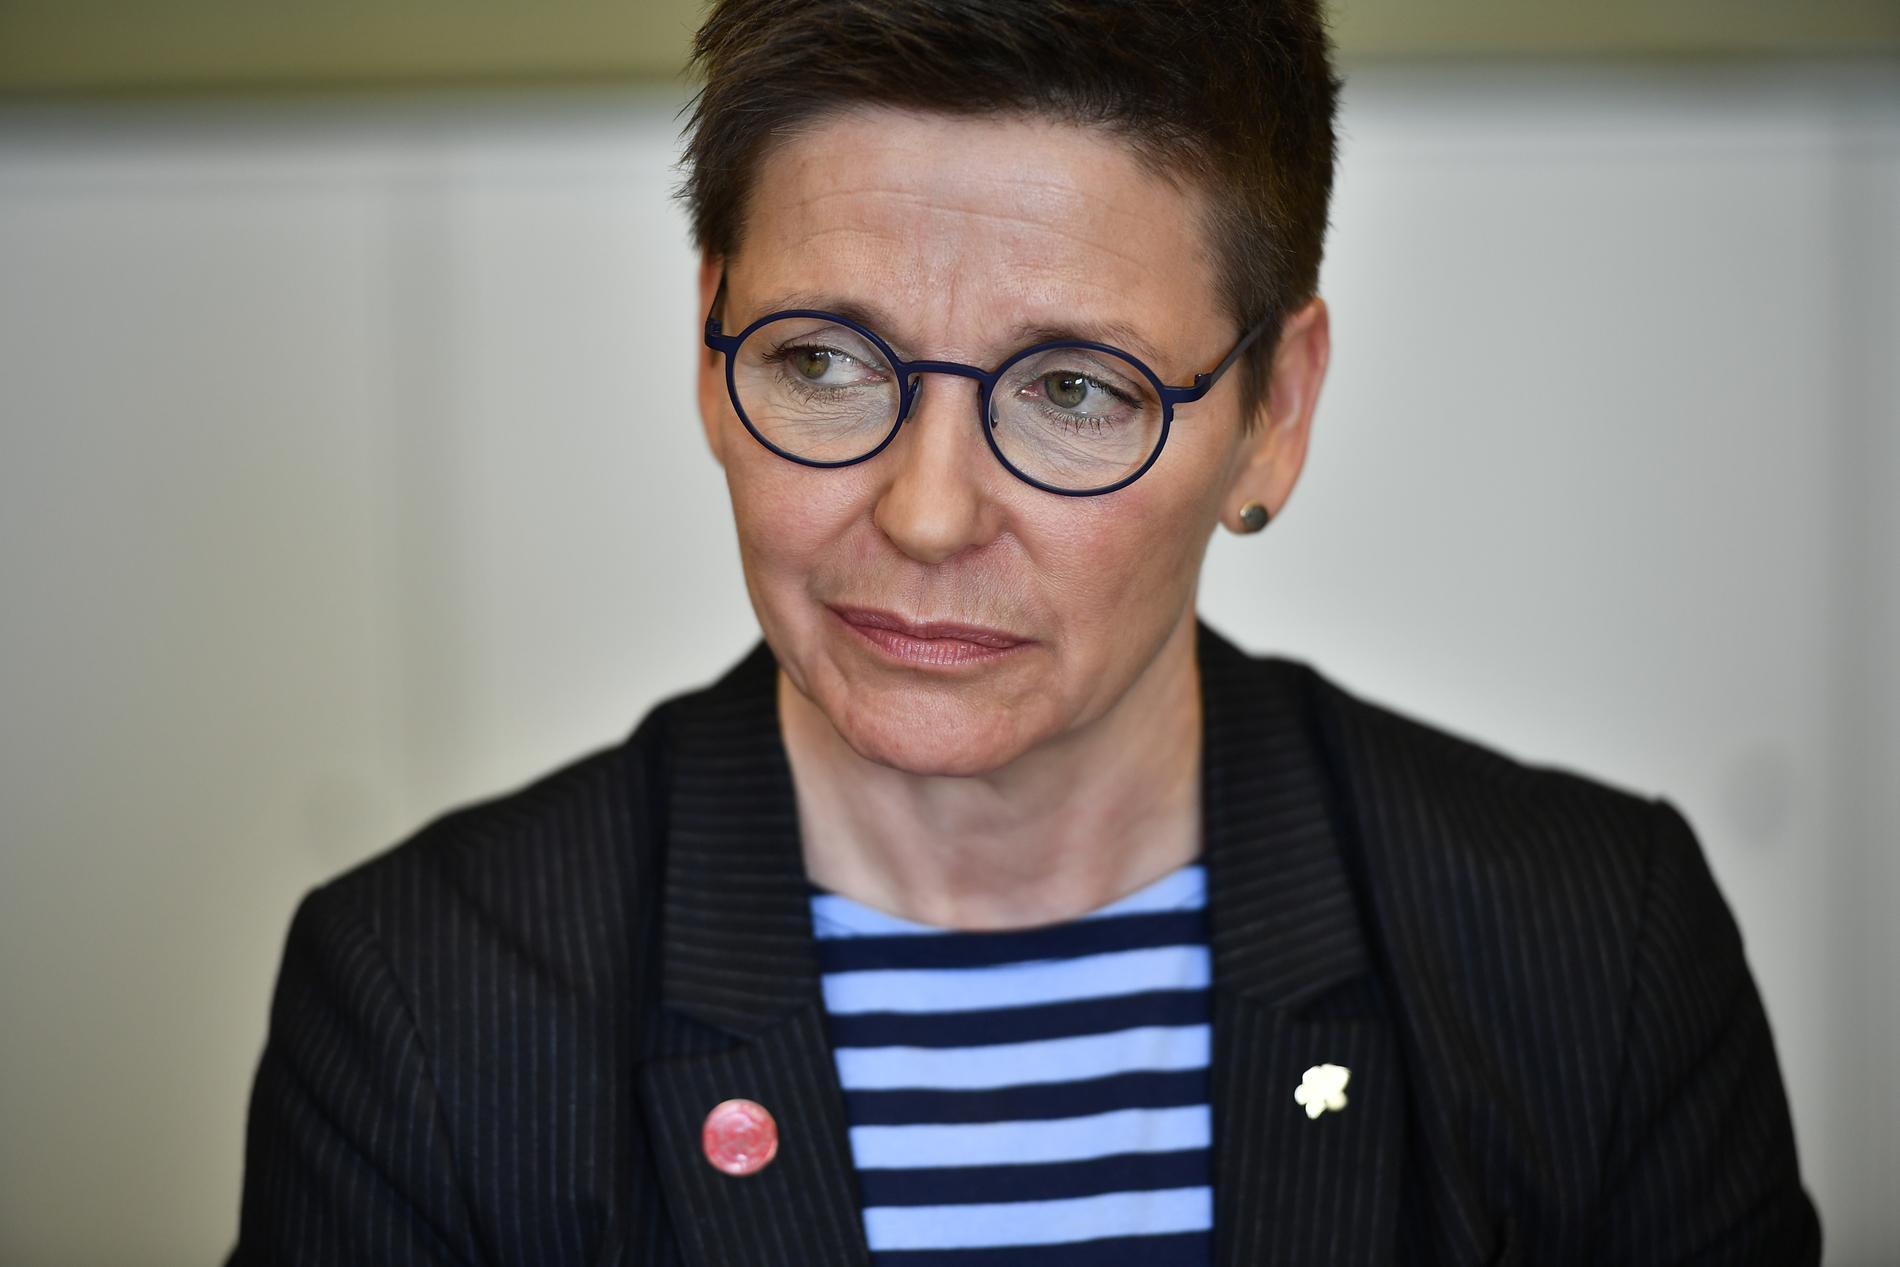 Ann-Sofie Hermansson friades i dag i det uppmärksammade förtalsmålet i Göteborgs tingsrätt.